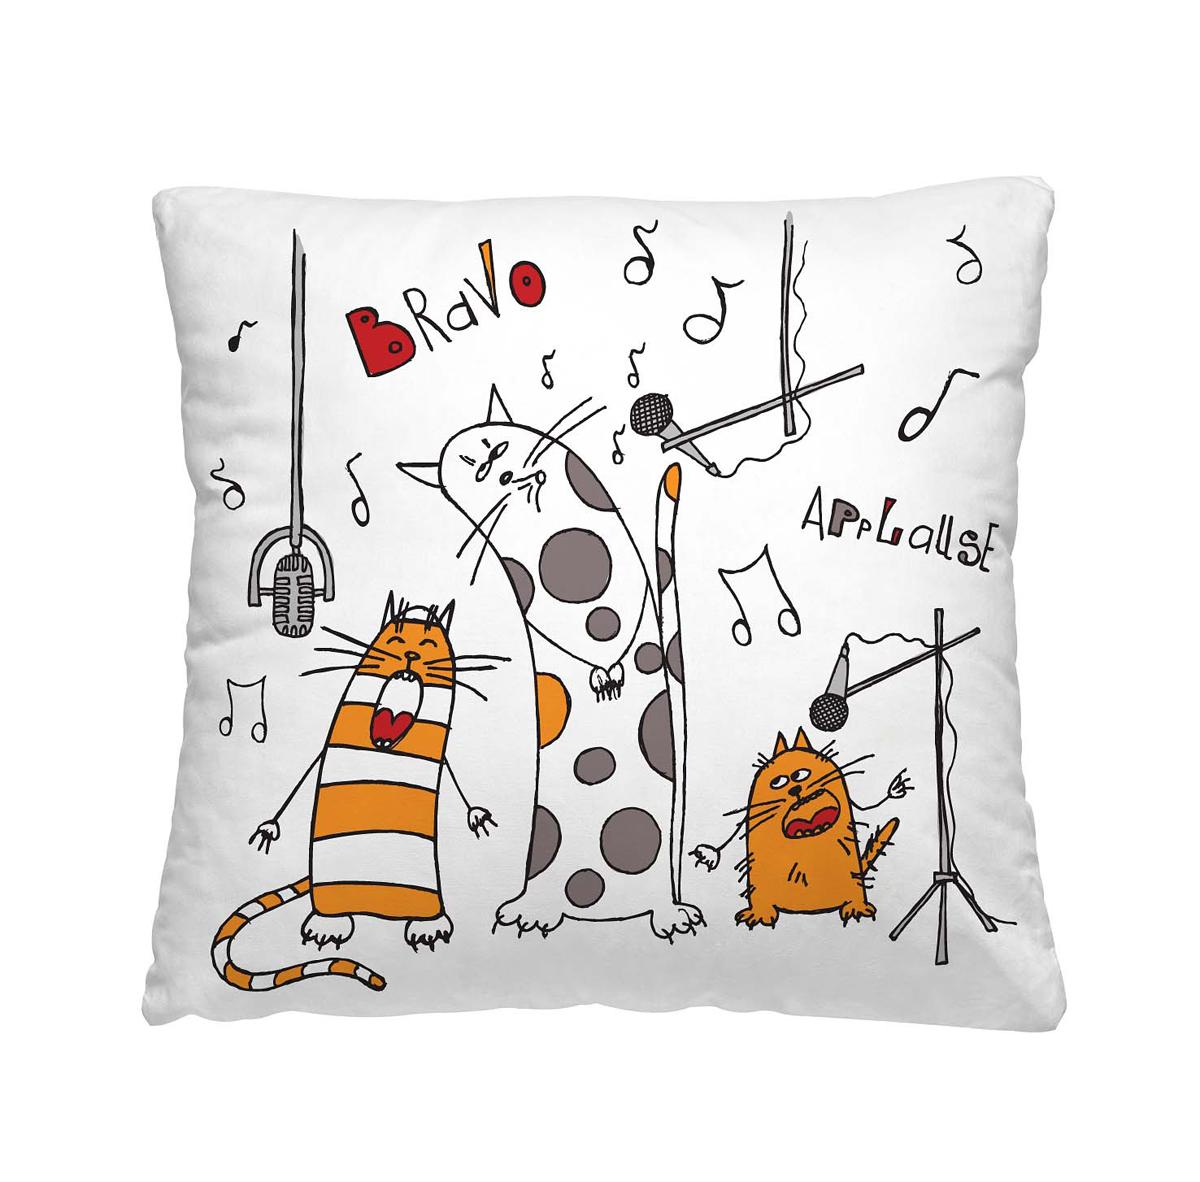 Подушка декоративная Волшебная ночь Веселые коты, 40 х 40 см195636Декоративная подушка Волшебная ночь Веселые коты прекрасно дополнит интерьер спальни или гостиной. Чехол подушки выполнен из 100% полиэстера. Лицевая сторона украшена красивым рисунком. Наполнитель - полиэстер. Красивая подушка создаст атмосферу уюта в доме и станет прекрасным элементом декора.Особенности изделия: - Съёмный чехол на молнии; - Наполнитель в индивидуальной наволочке; - Оборотная сторона из стёганого полотна для улучшения формоустойчивости Размер: 40 x 40 см.